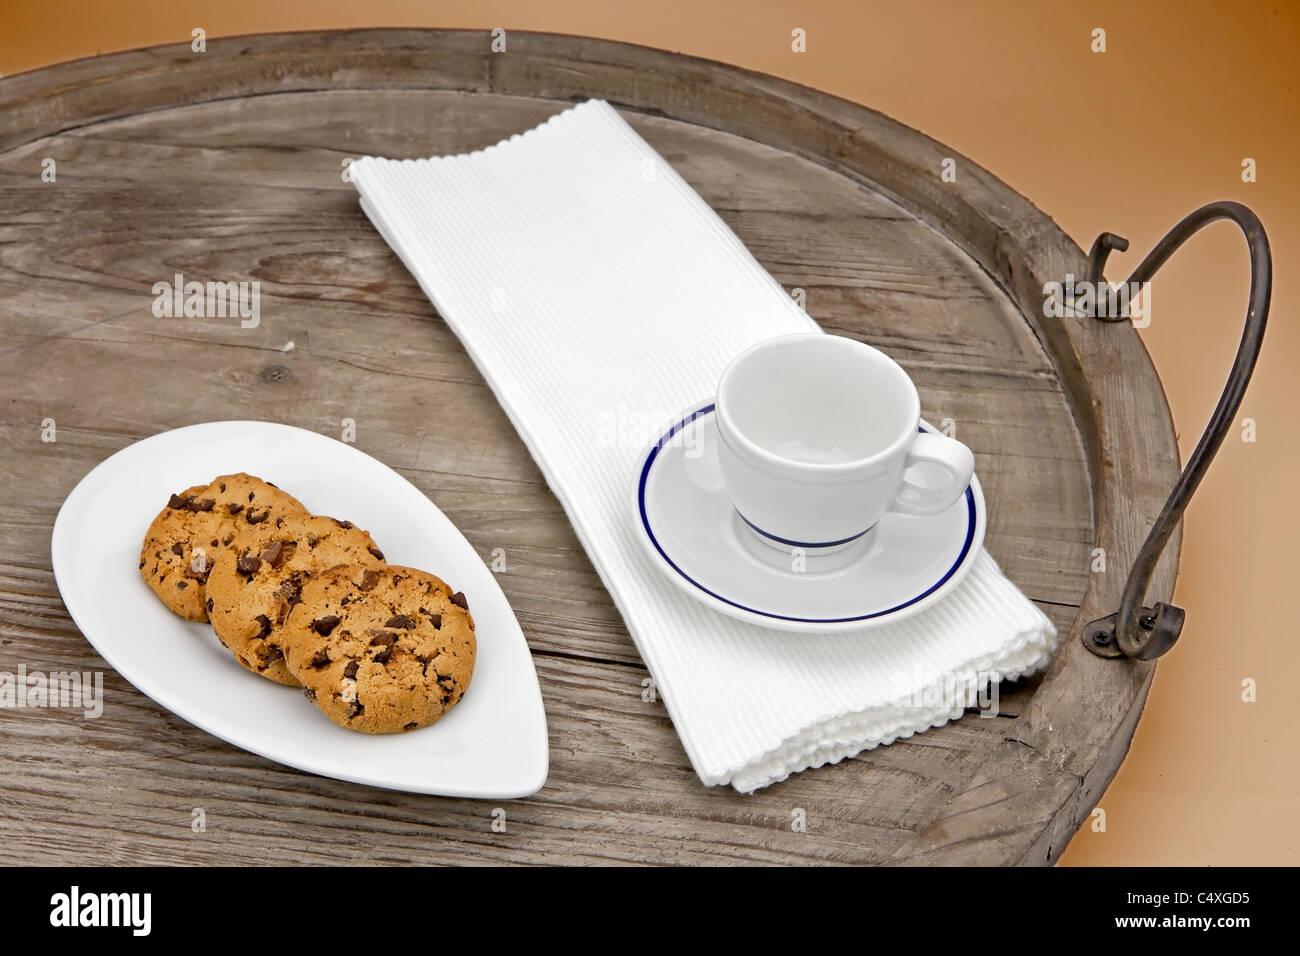 Las galletas con trocitos de chocolate servido en una bandeja de madera antiguos Foto de stock